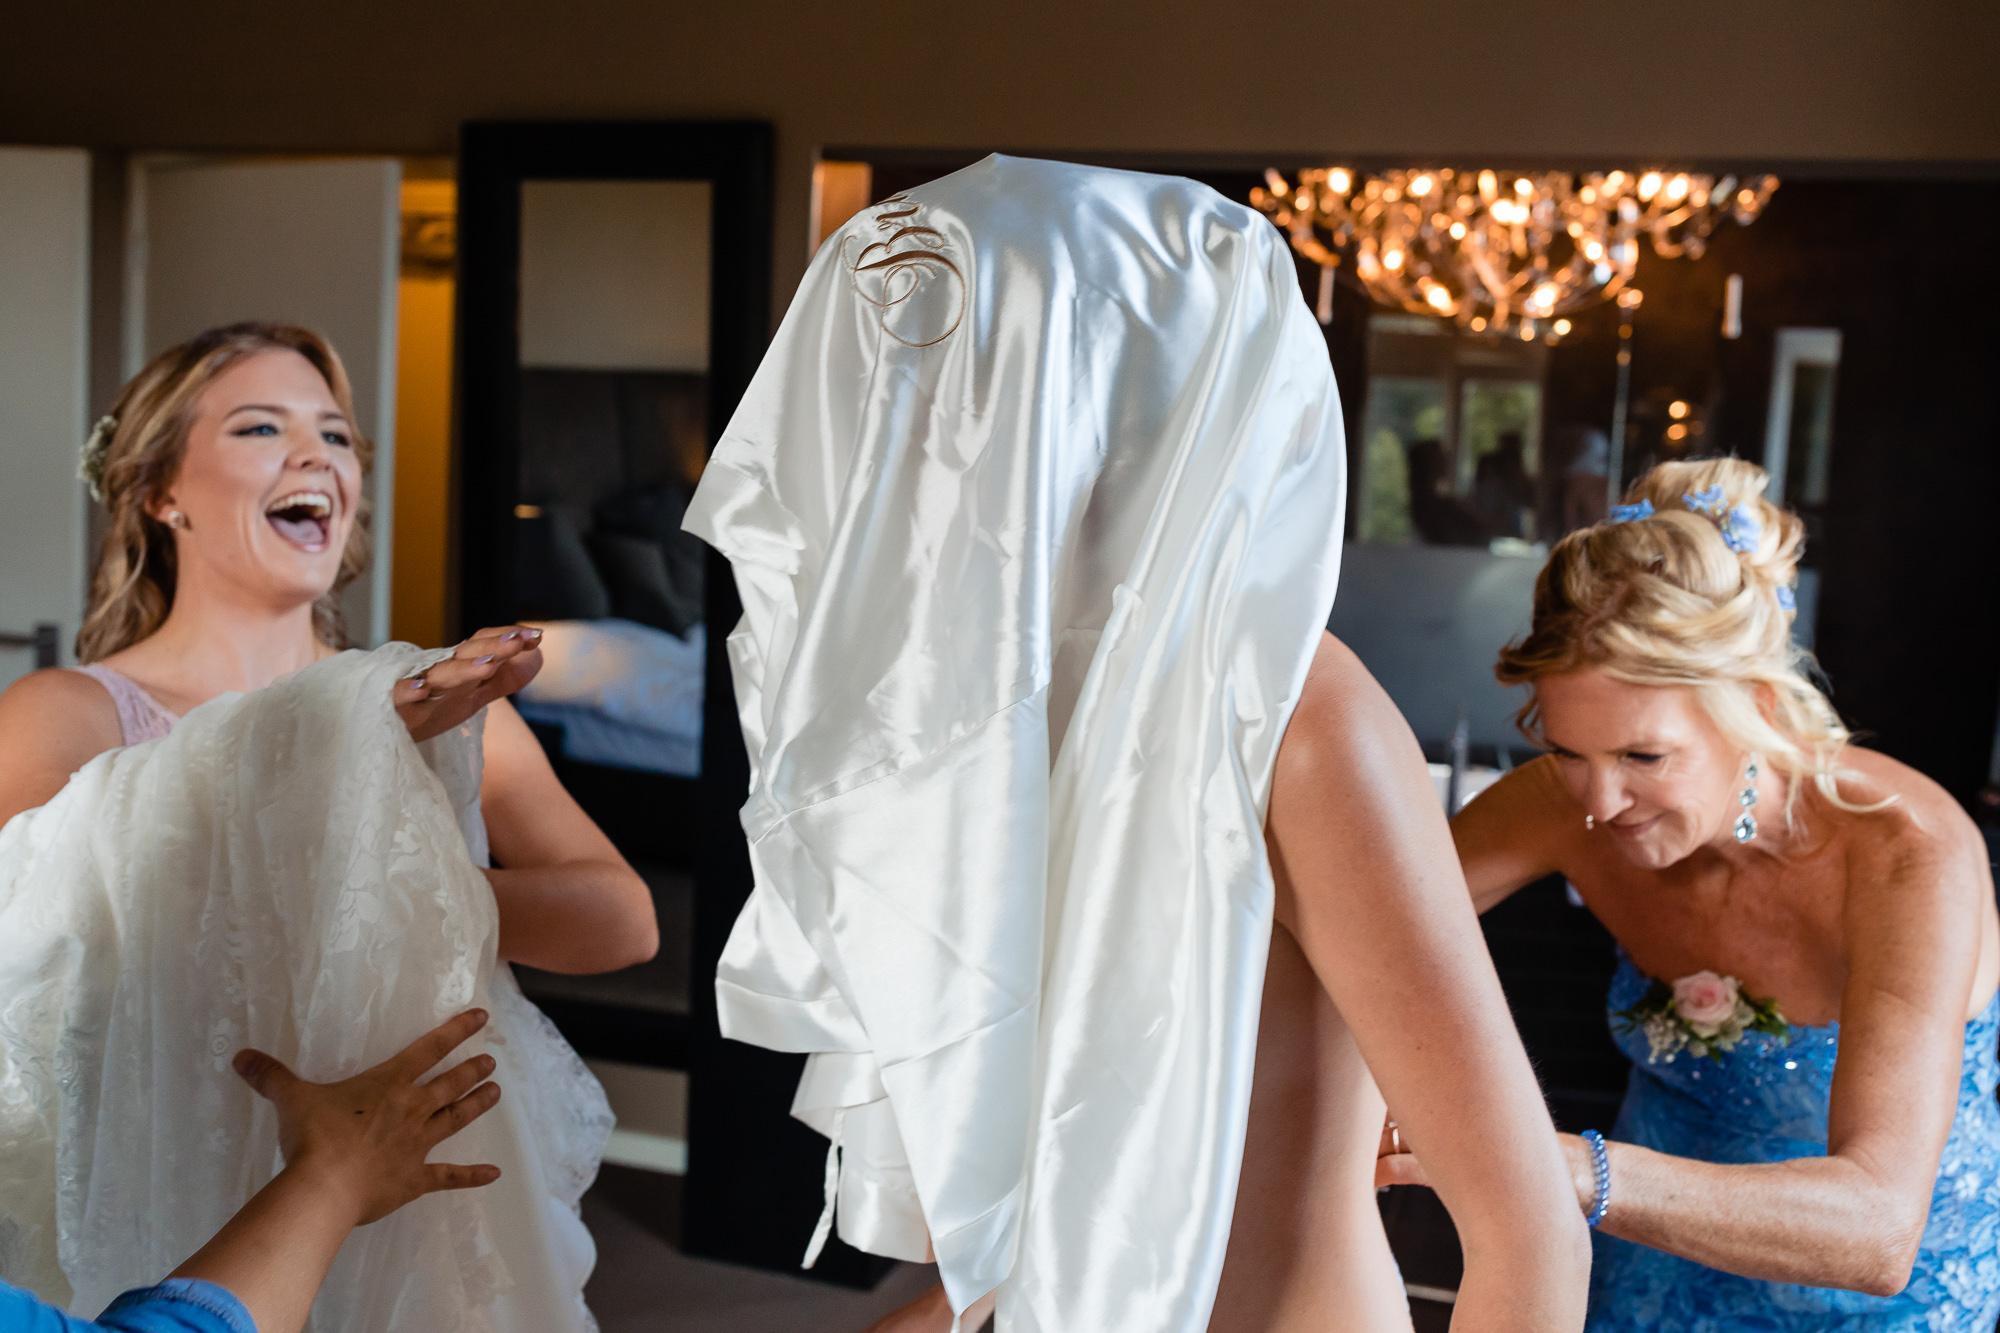 Humor tijdens het aantrekken van de trouwjurk